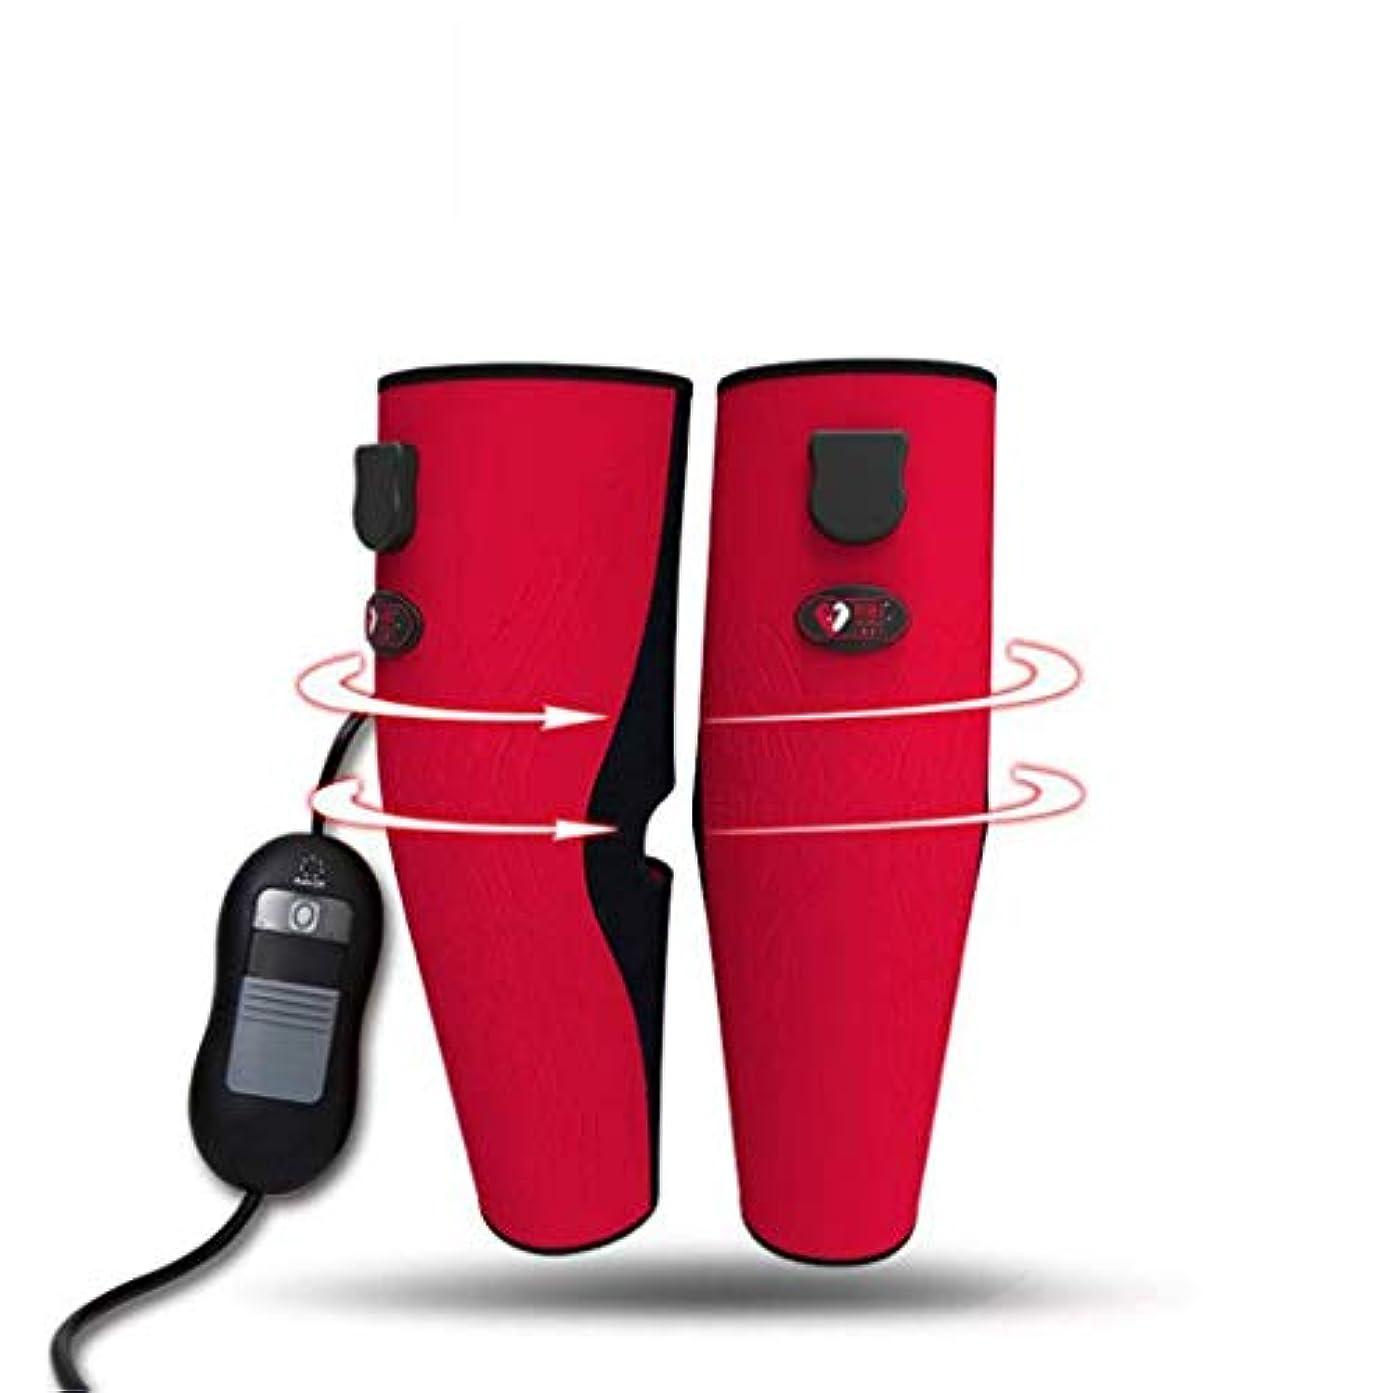 小道上下する裕福な温められた足のマッサージャー、膝と足の痛みを和らげる治療装置、3モード温度制御の痛みを和らげる治療装置